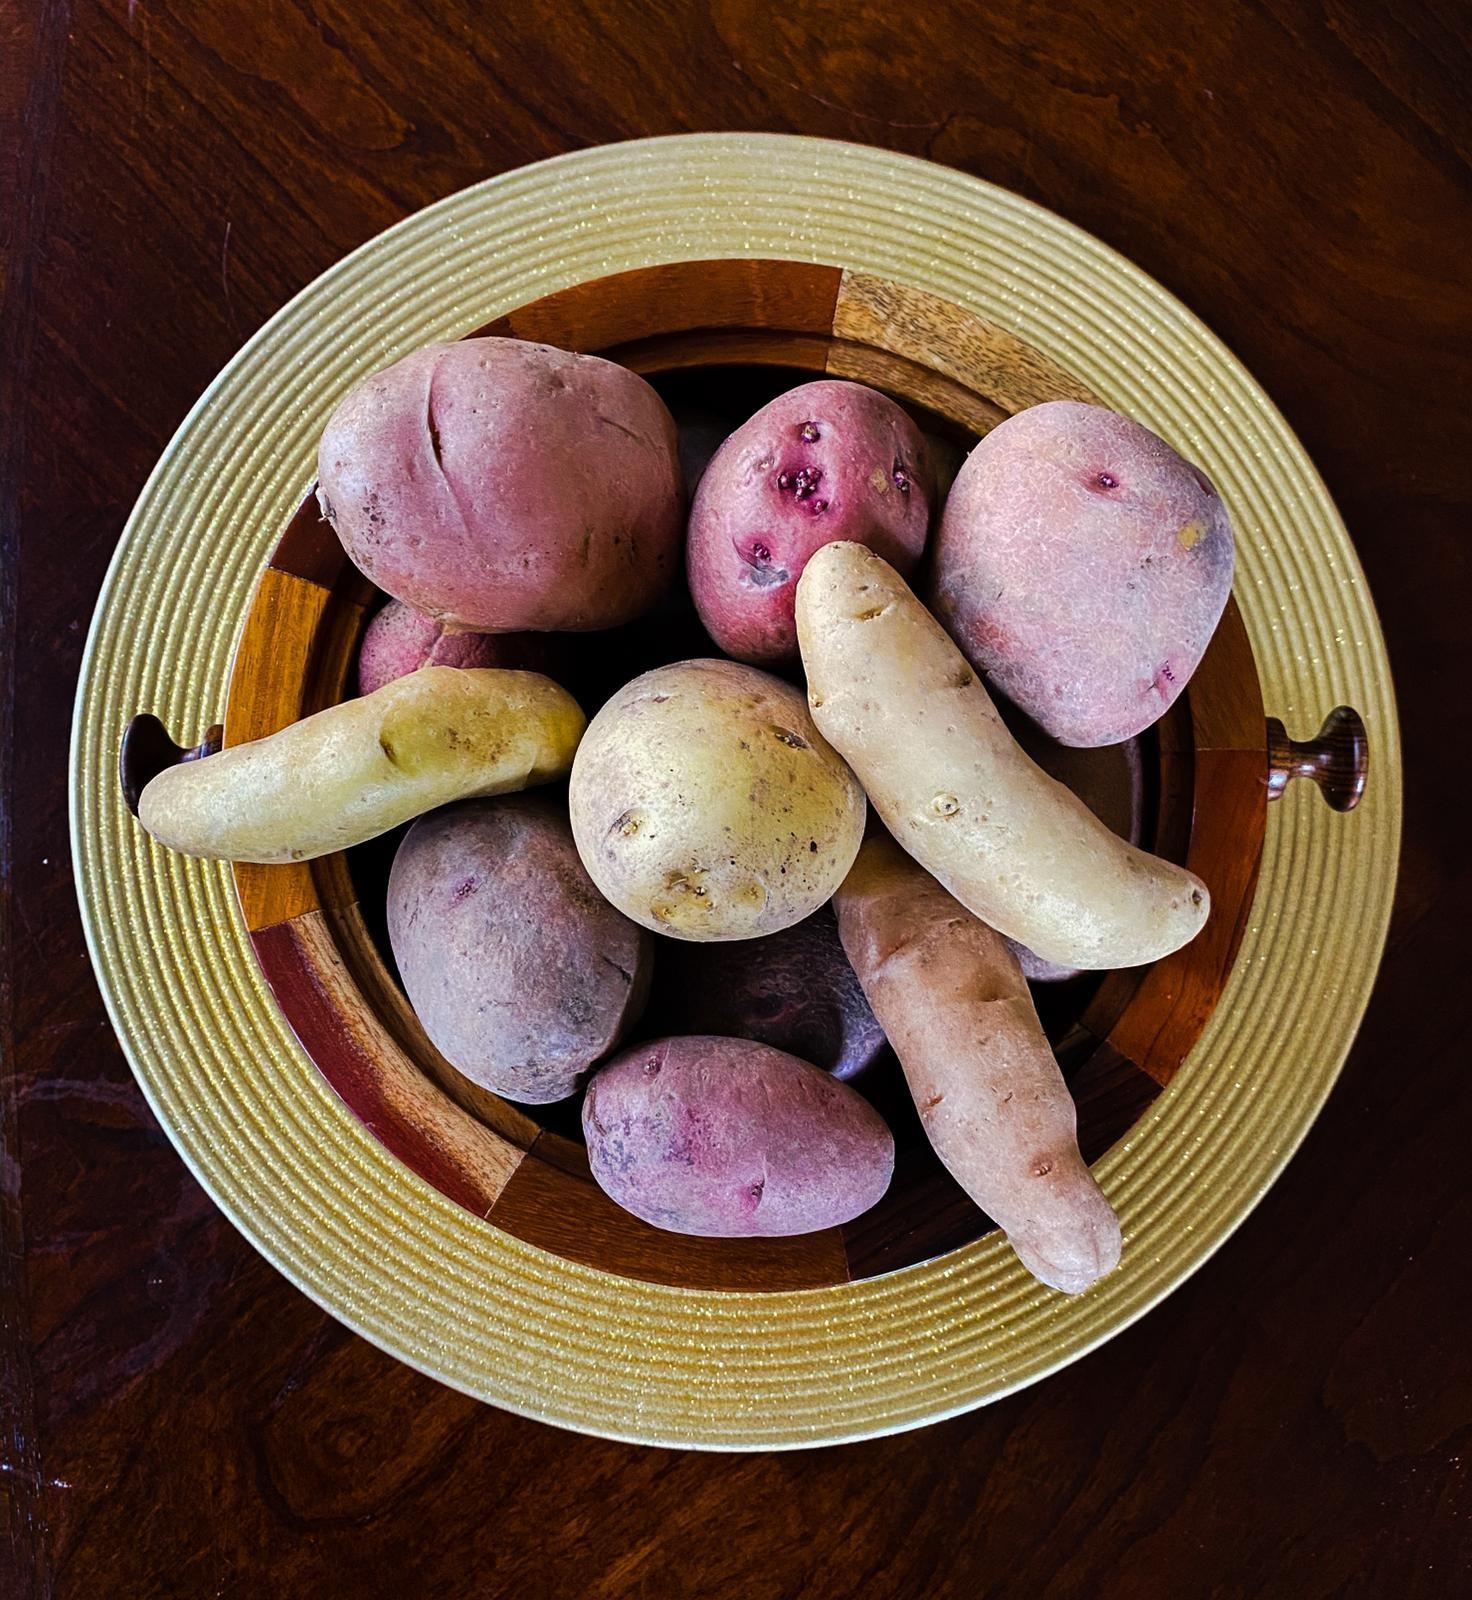 10LB Organic Variety Mix